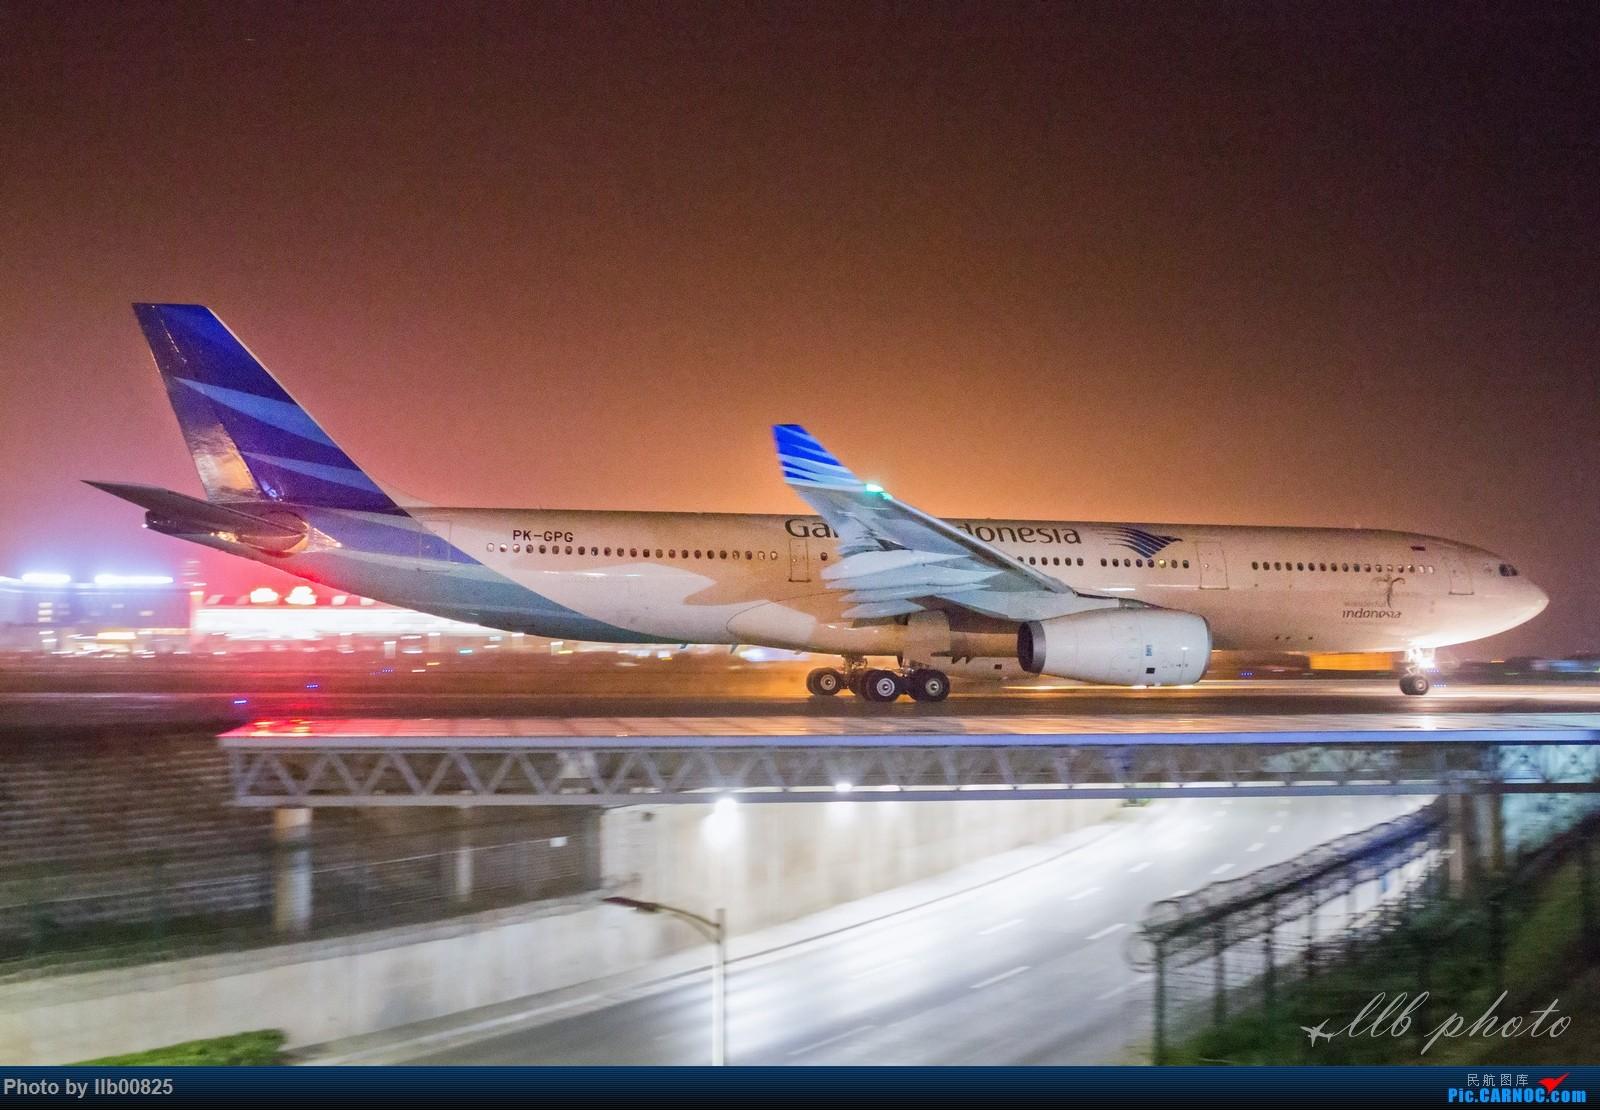 Re:[原创]XIY——两万感光度下的夜拍 AIRBUS A330-300 PK-GPG 中国西安咸阳国际机场